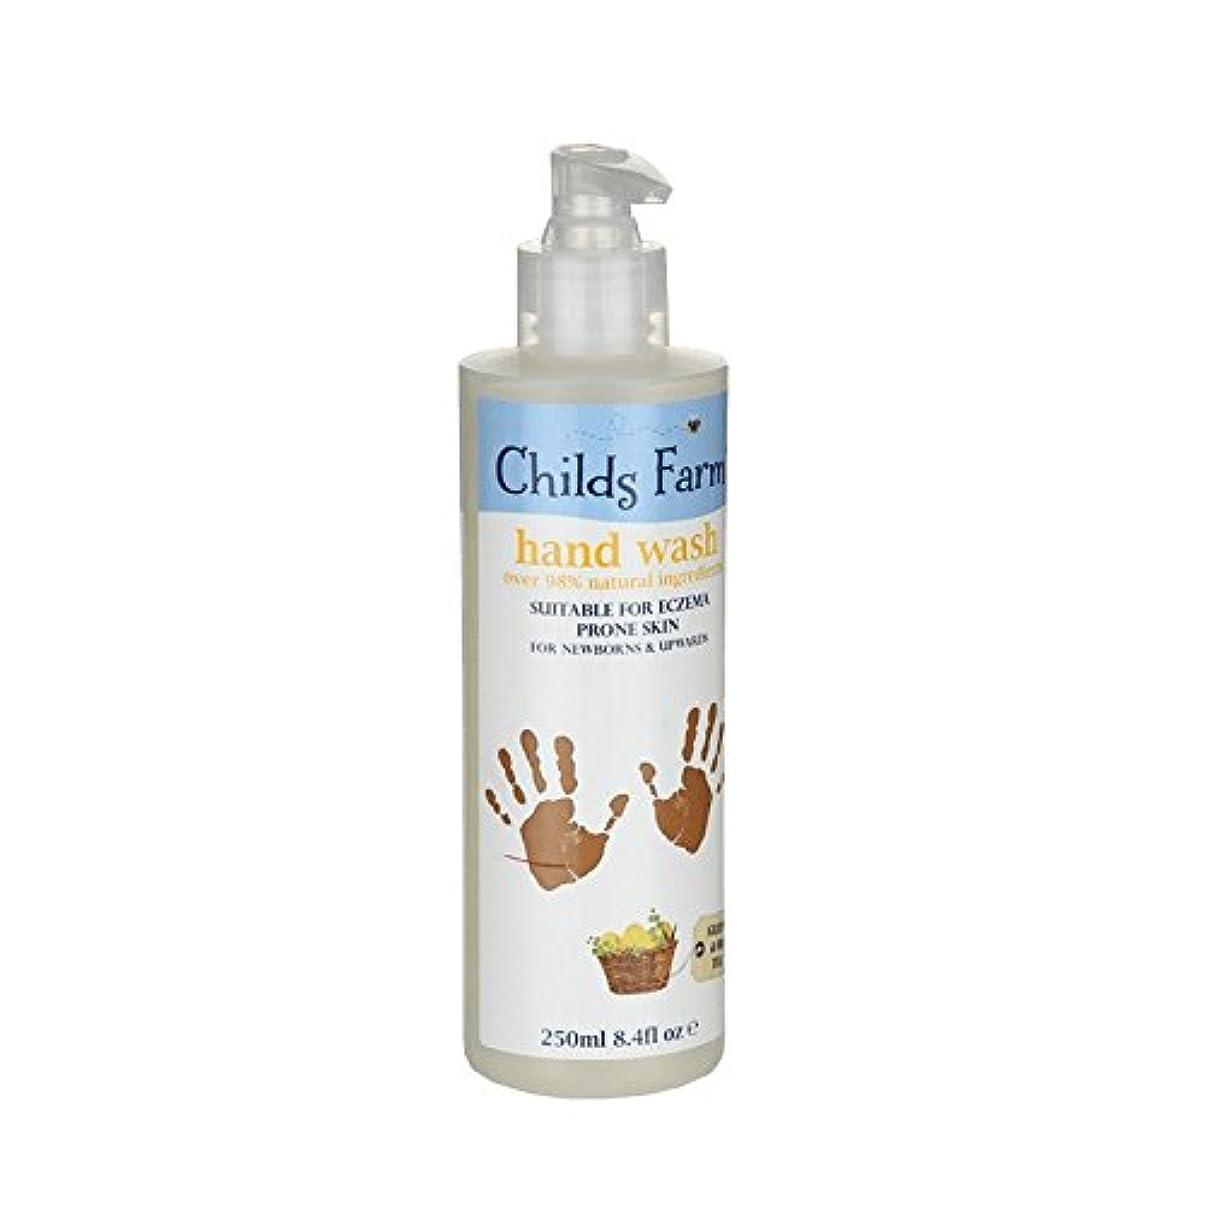 マント起きる課税汚いミット250ミリリットルのためのチャイルズファーム手洗い - Childs Farm Hand Wash for Mucky Mitts 250ml (Childs Farm) [並行輸入品]